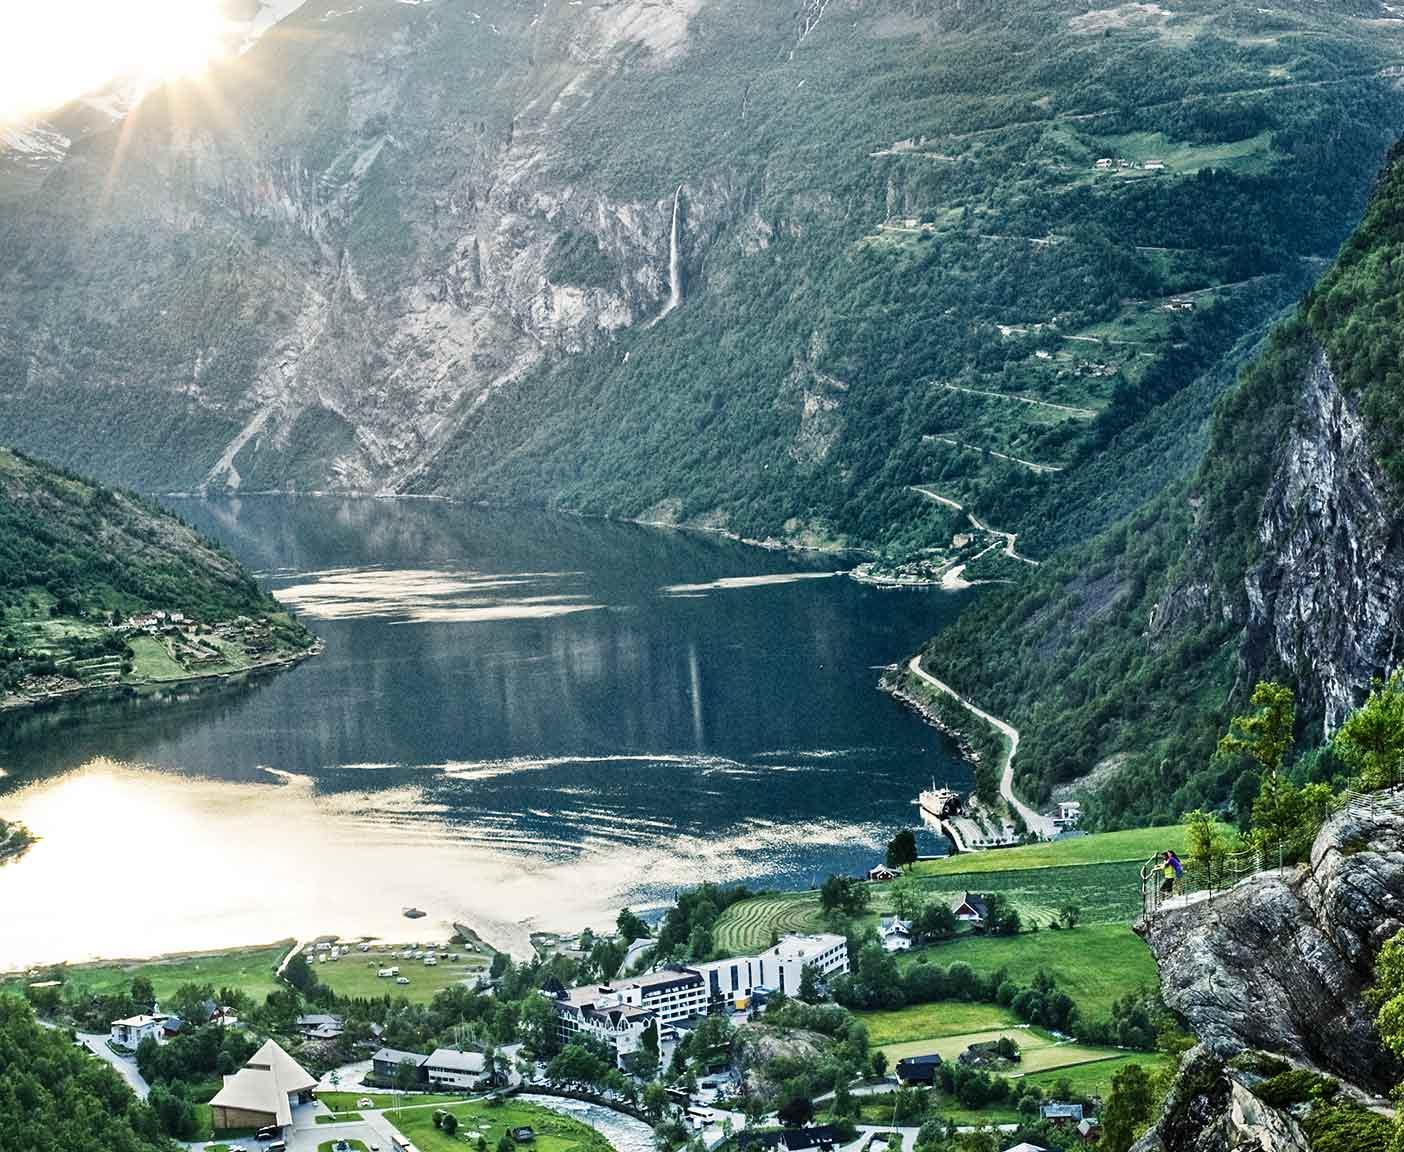 Sonnenstrahl scheint auf den Fjord, im tal das Dorf Geiranger und Berge im Hintergrund